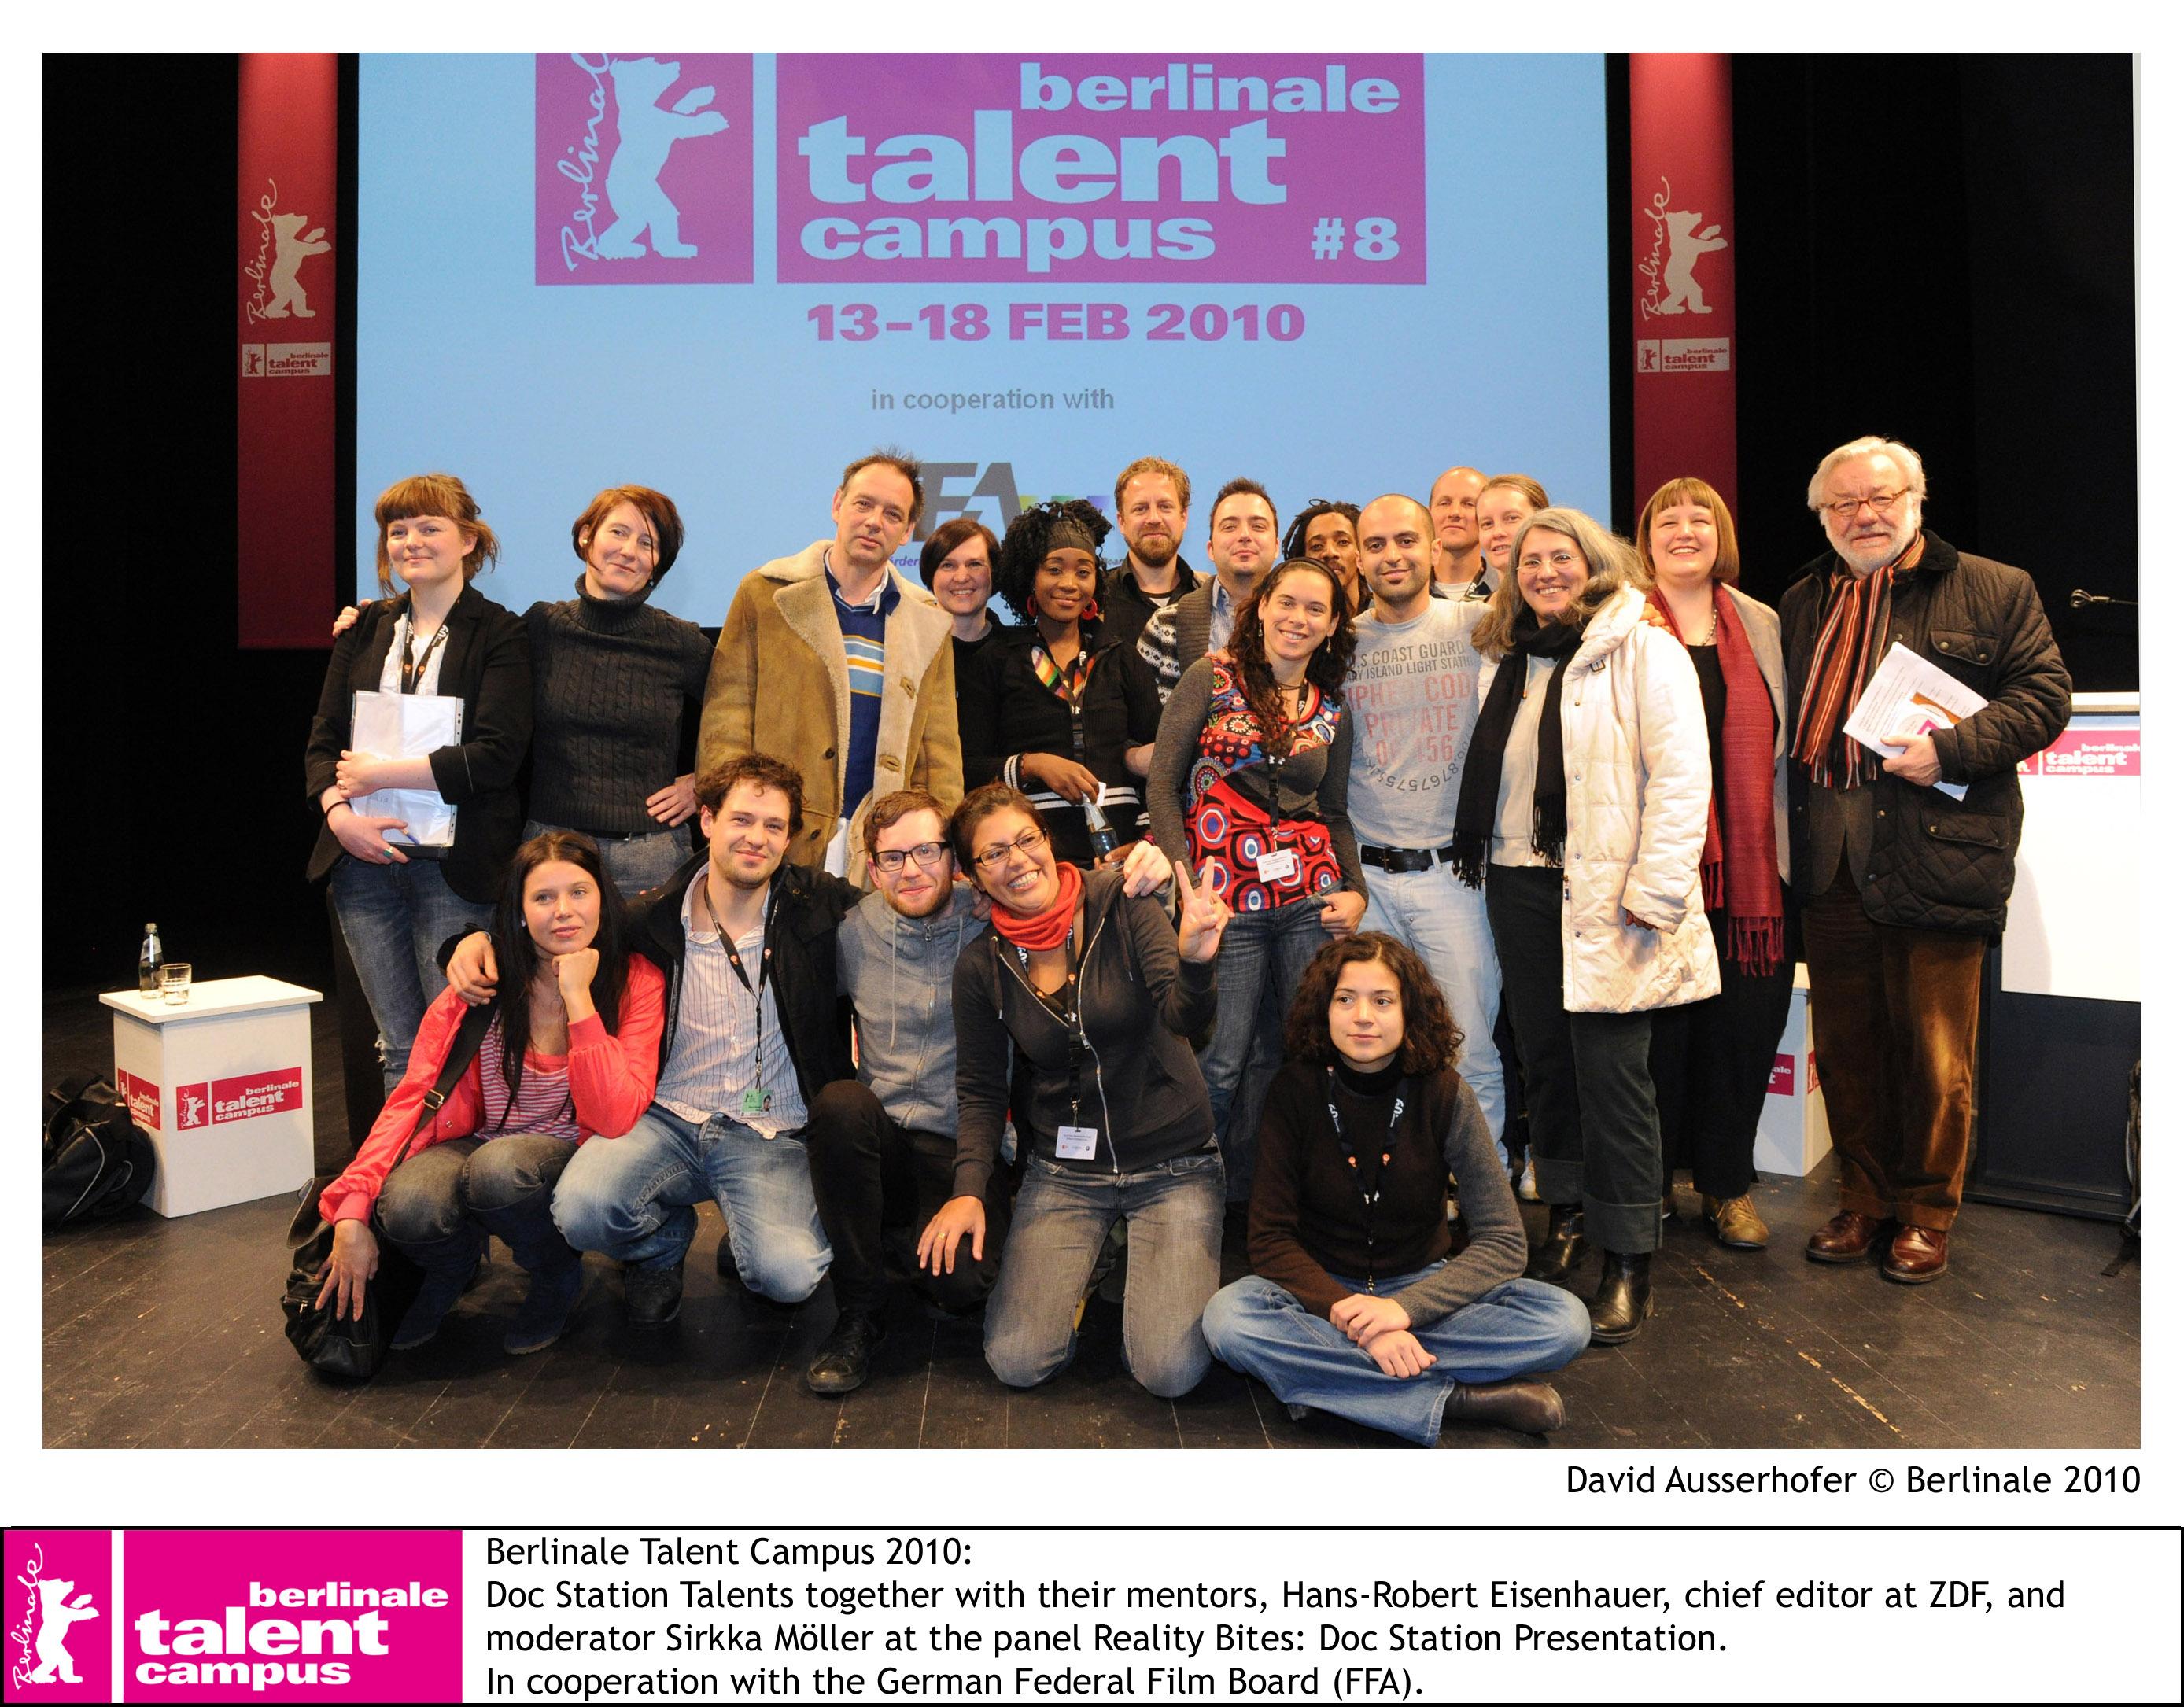 Berlinale Talent Campus 2010 - Amanda Gonzales